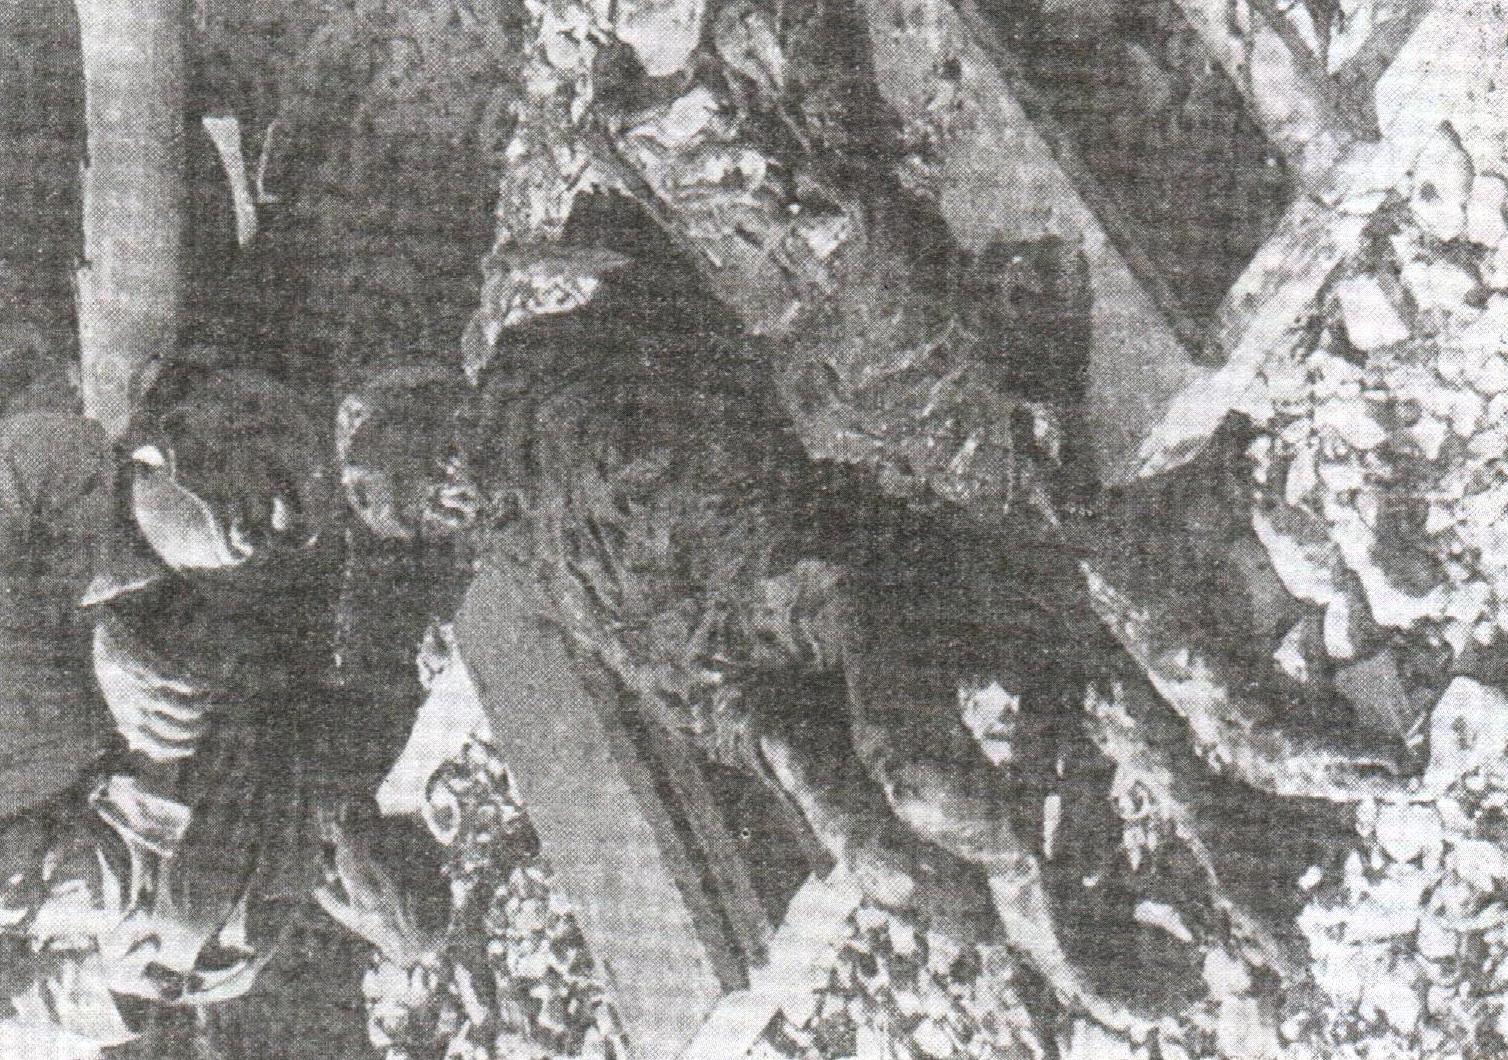 Ekshumirani leševi u logoru Slana na Pagu prije spaljivanja. Talijanska fotografija iz septembra 1941.